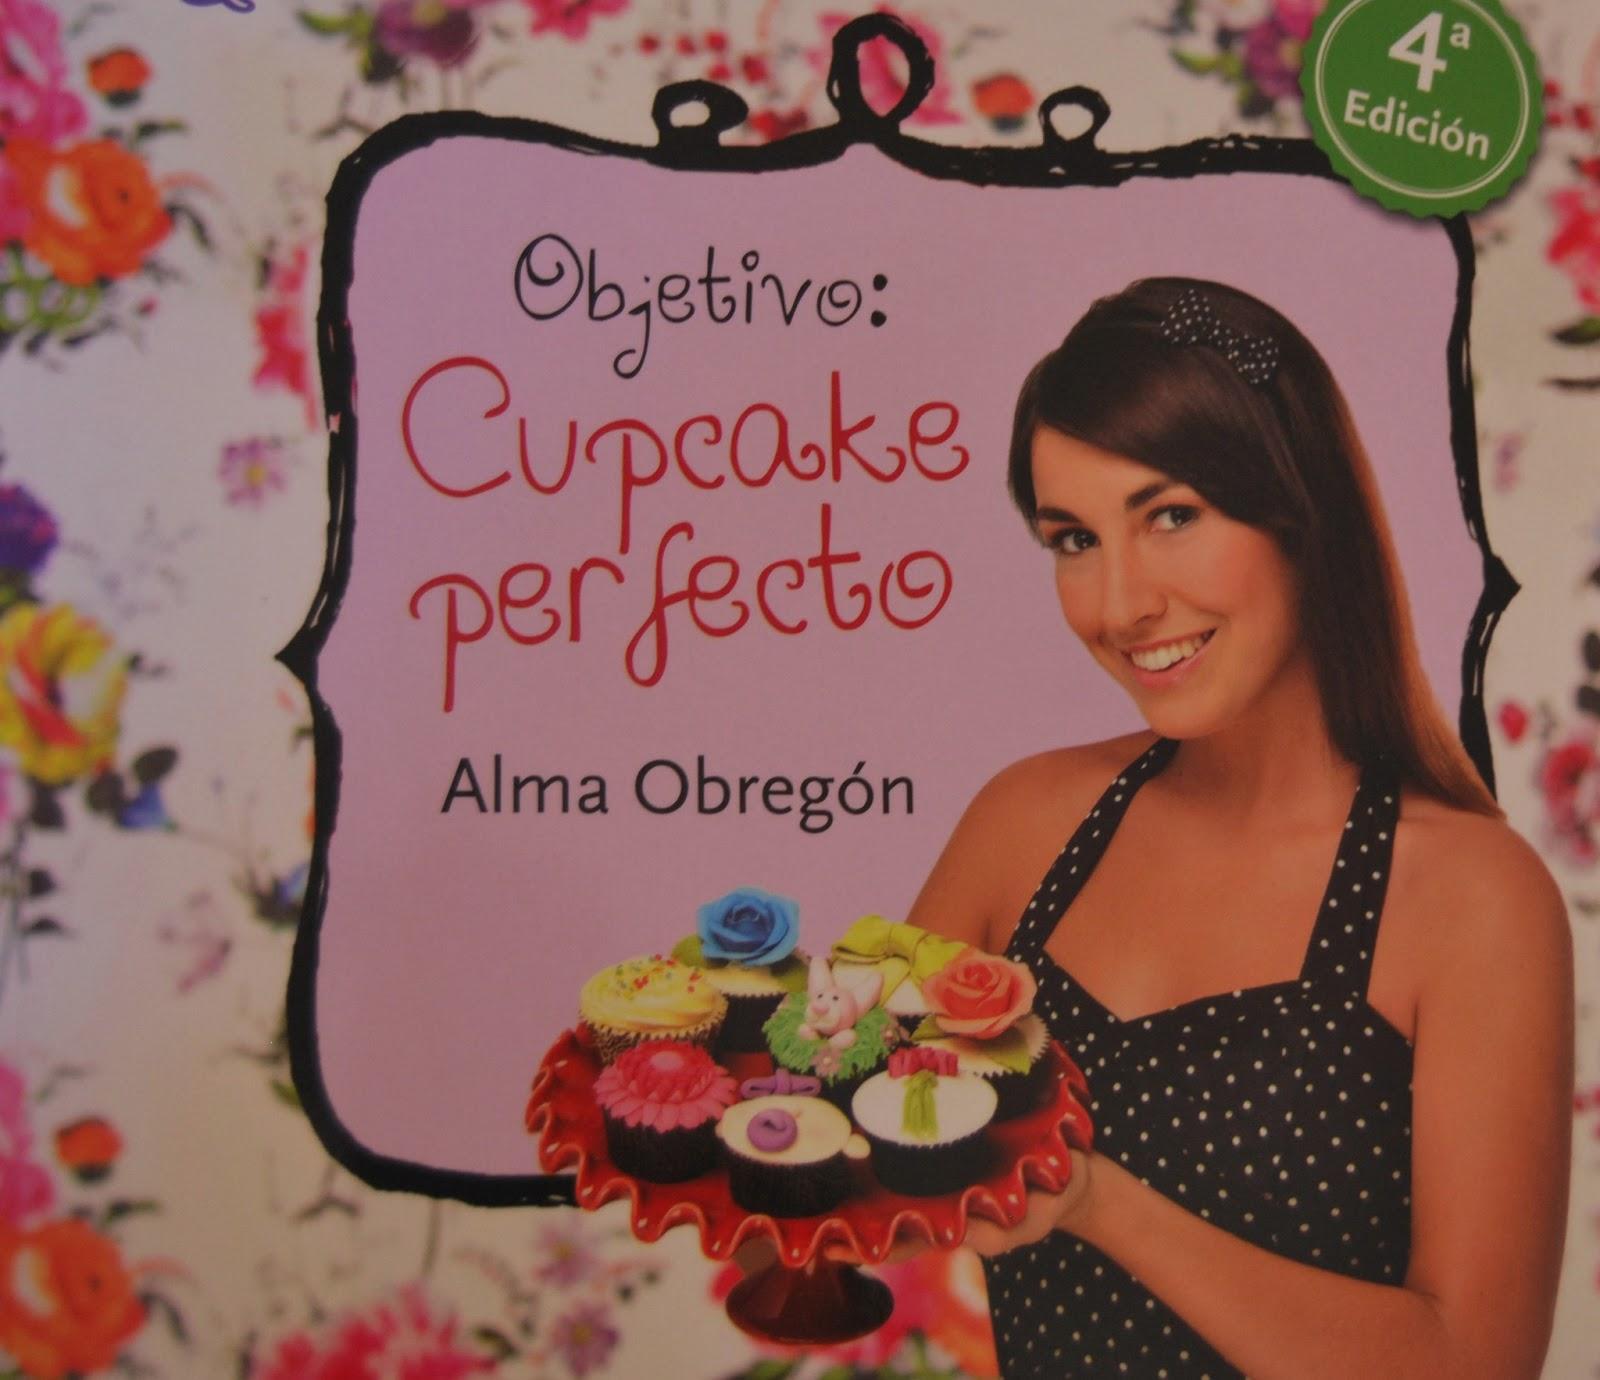 Viviendo en el desv n un regalo handmade muy especial - Blog objetivo cupcake perfecto ...